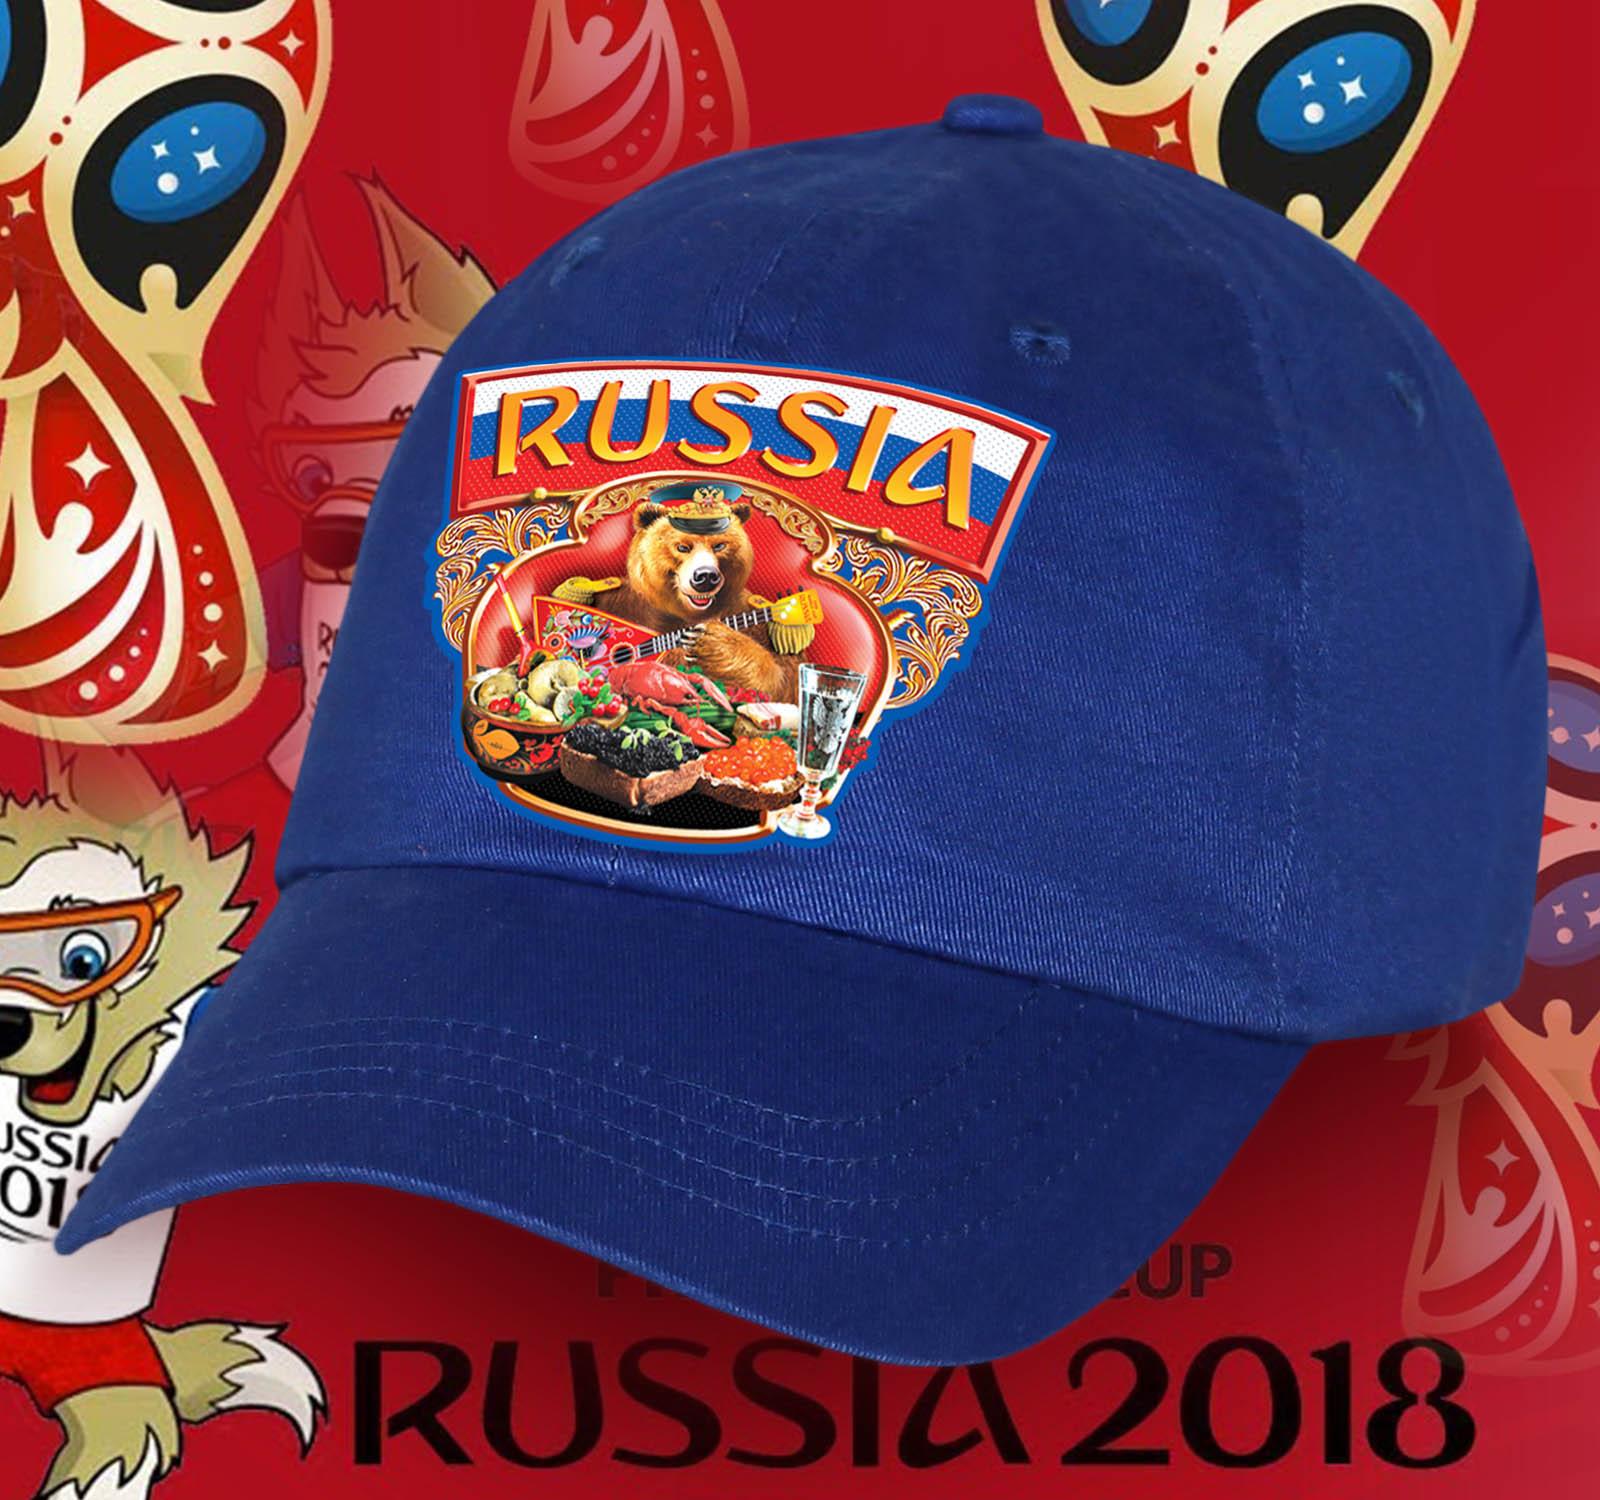 Суперпатриотическая кепка Russia с ярким принтом символом России - Медведем! Замечательный подарок и сувенир из России. Эксклюзив от Военпро